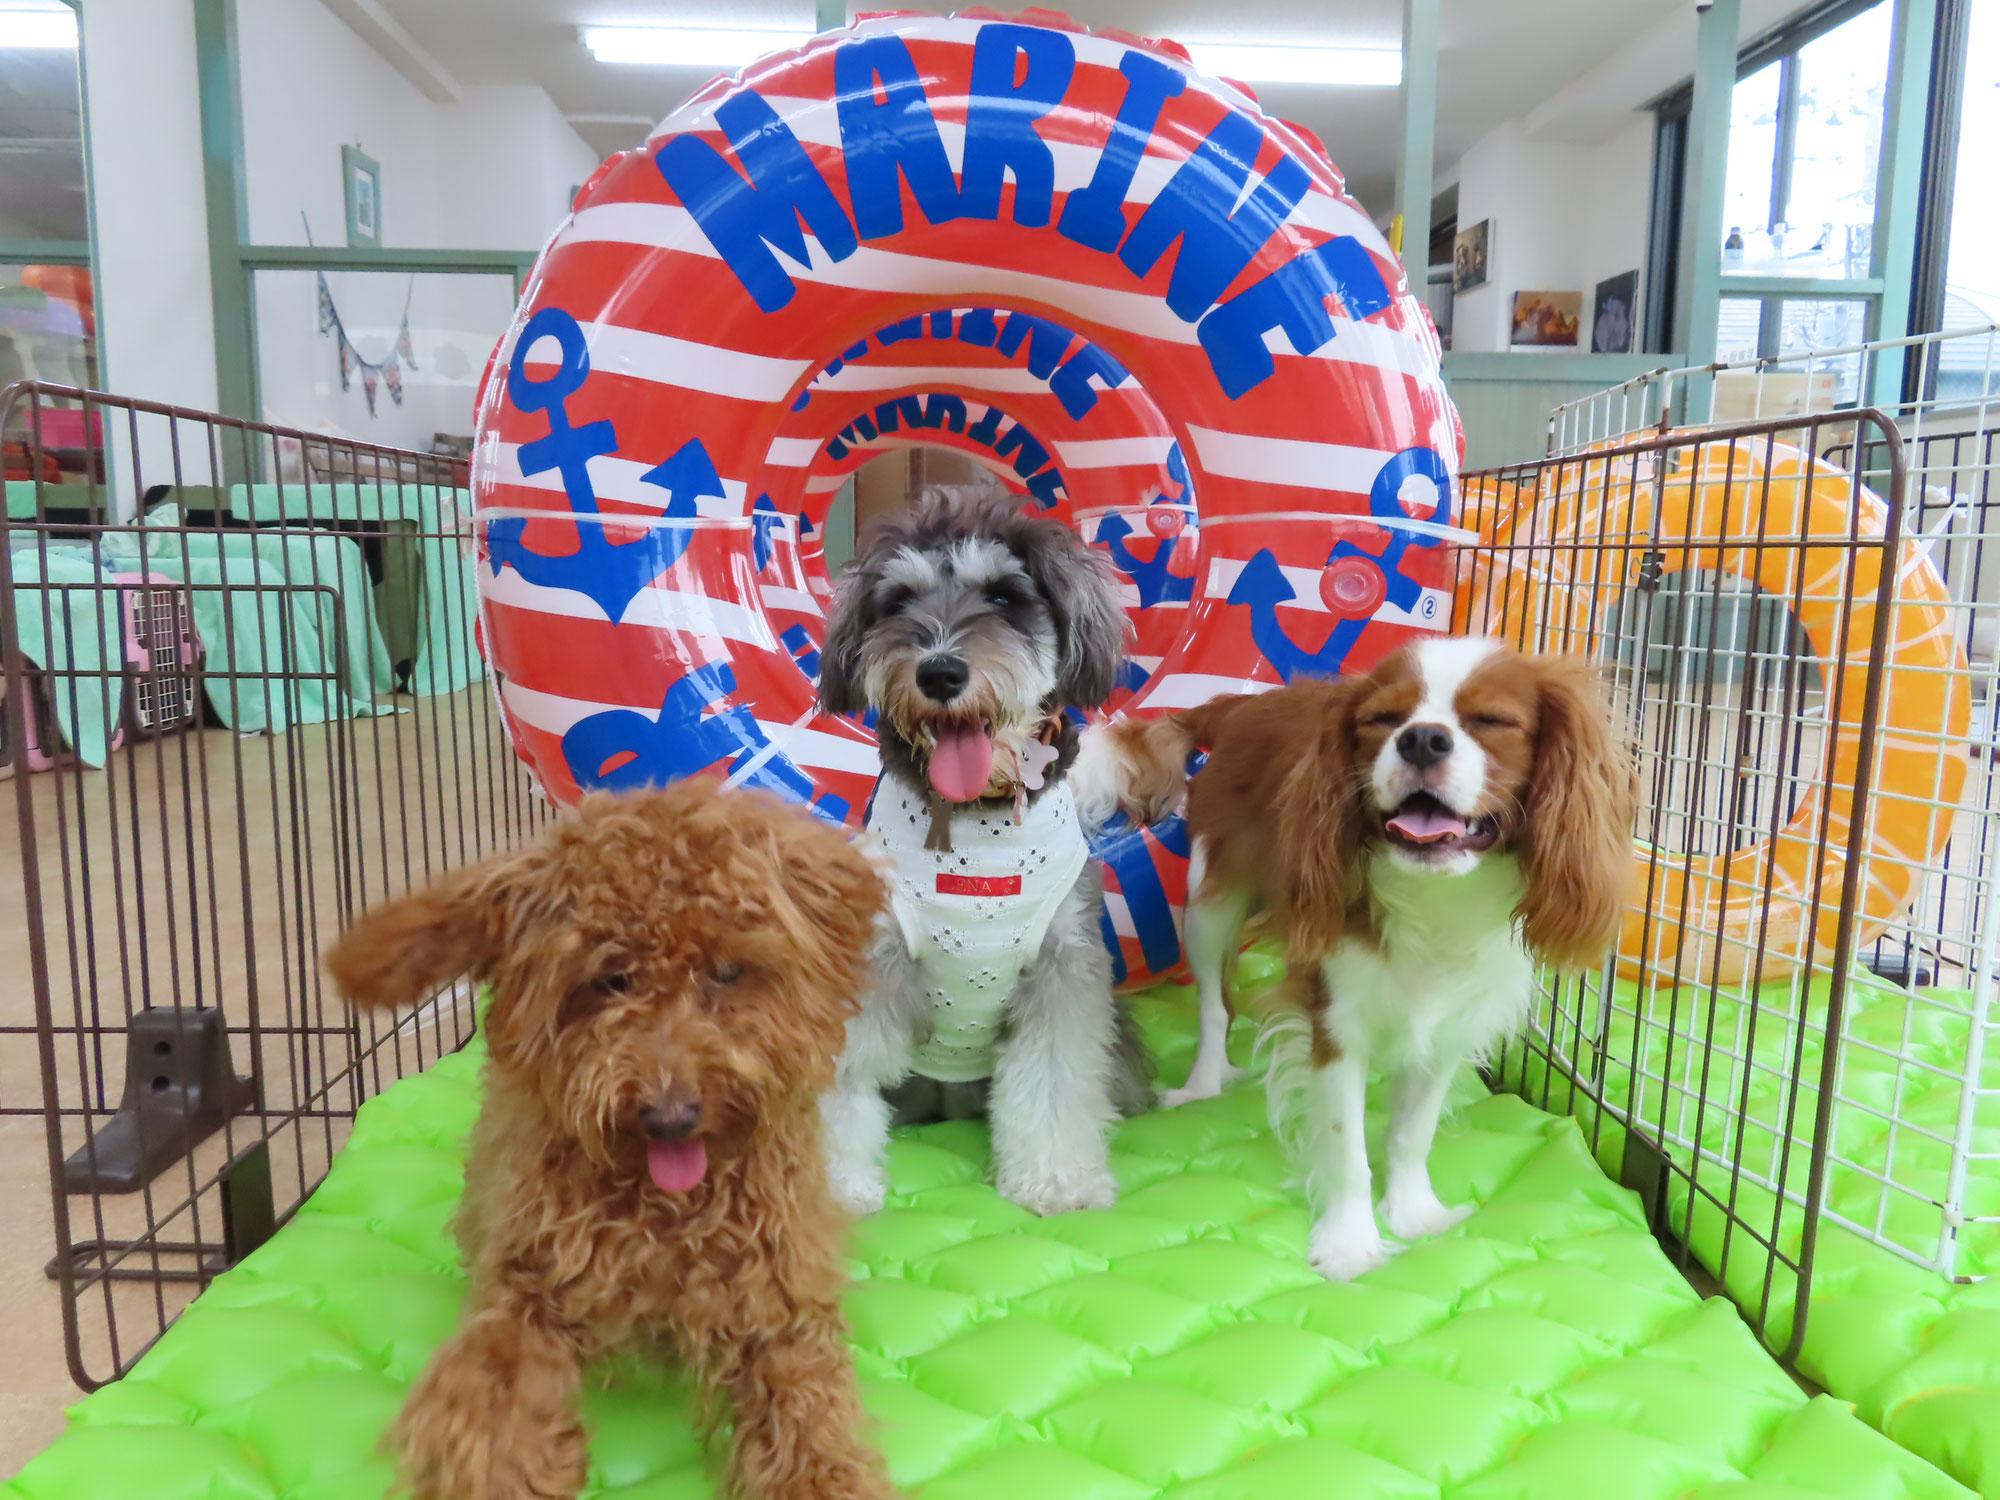 テリントンTタッチ講座 第2弾!!【犬に優しいリード&ハーネスの使い方】開催します(^^)/  犬のしつけ教室@アロハドギー